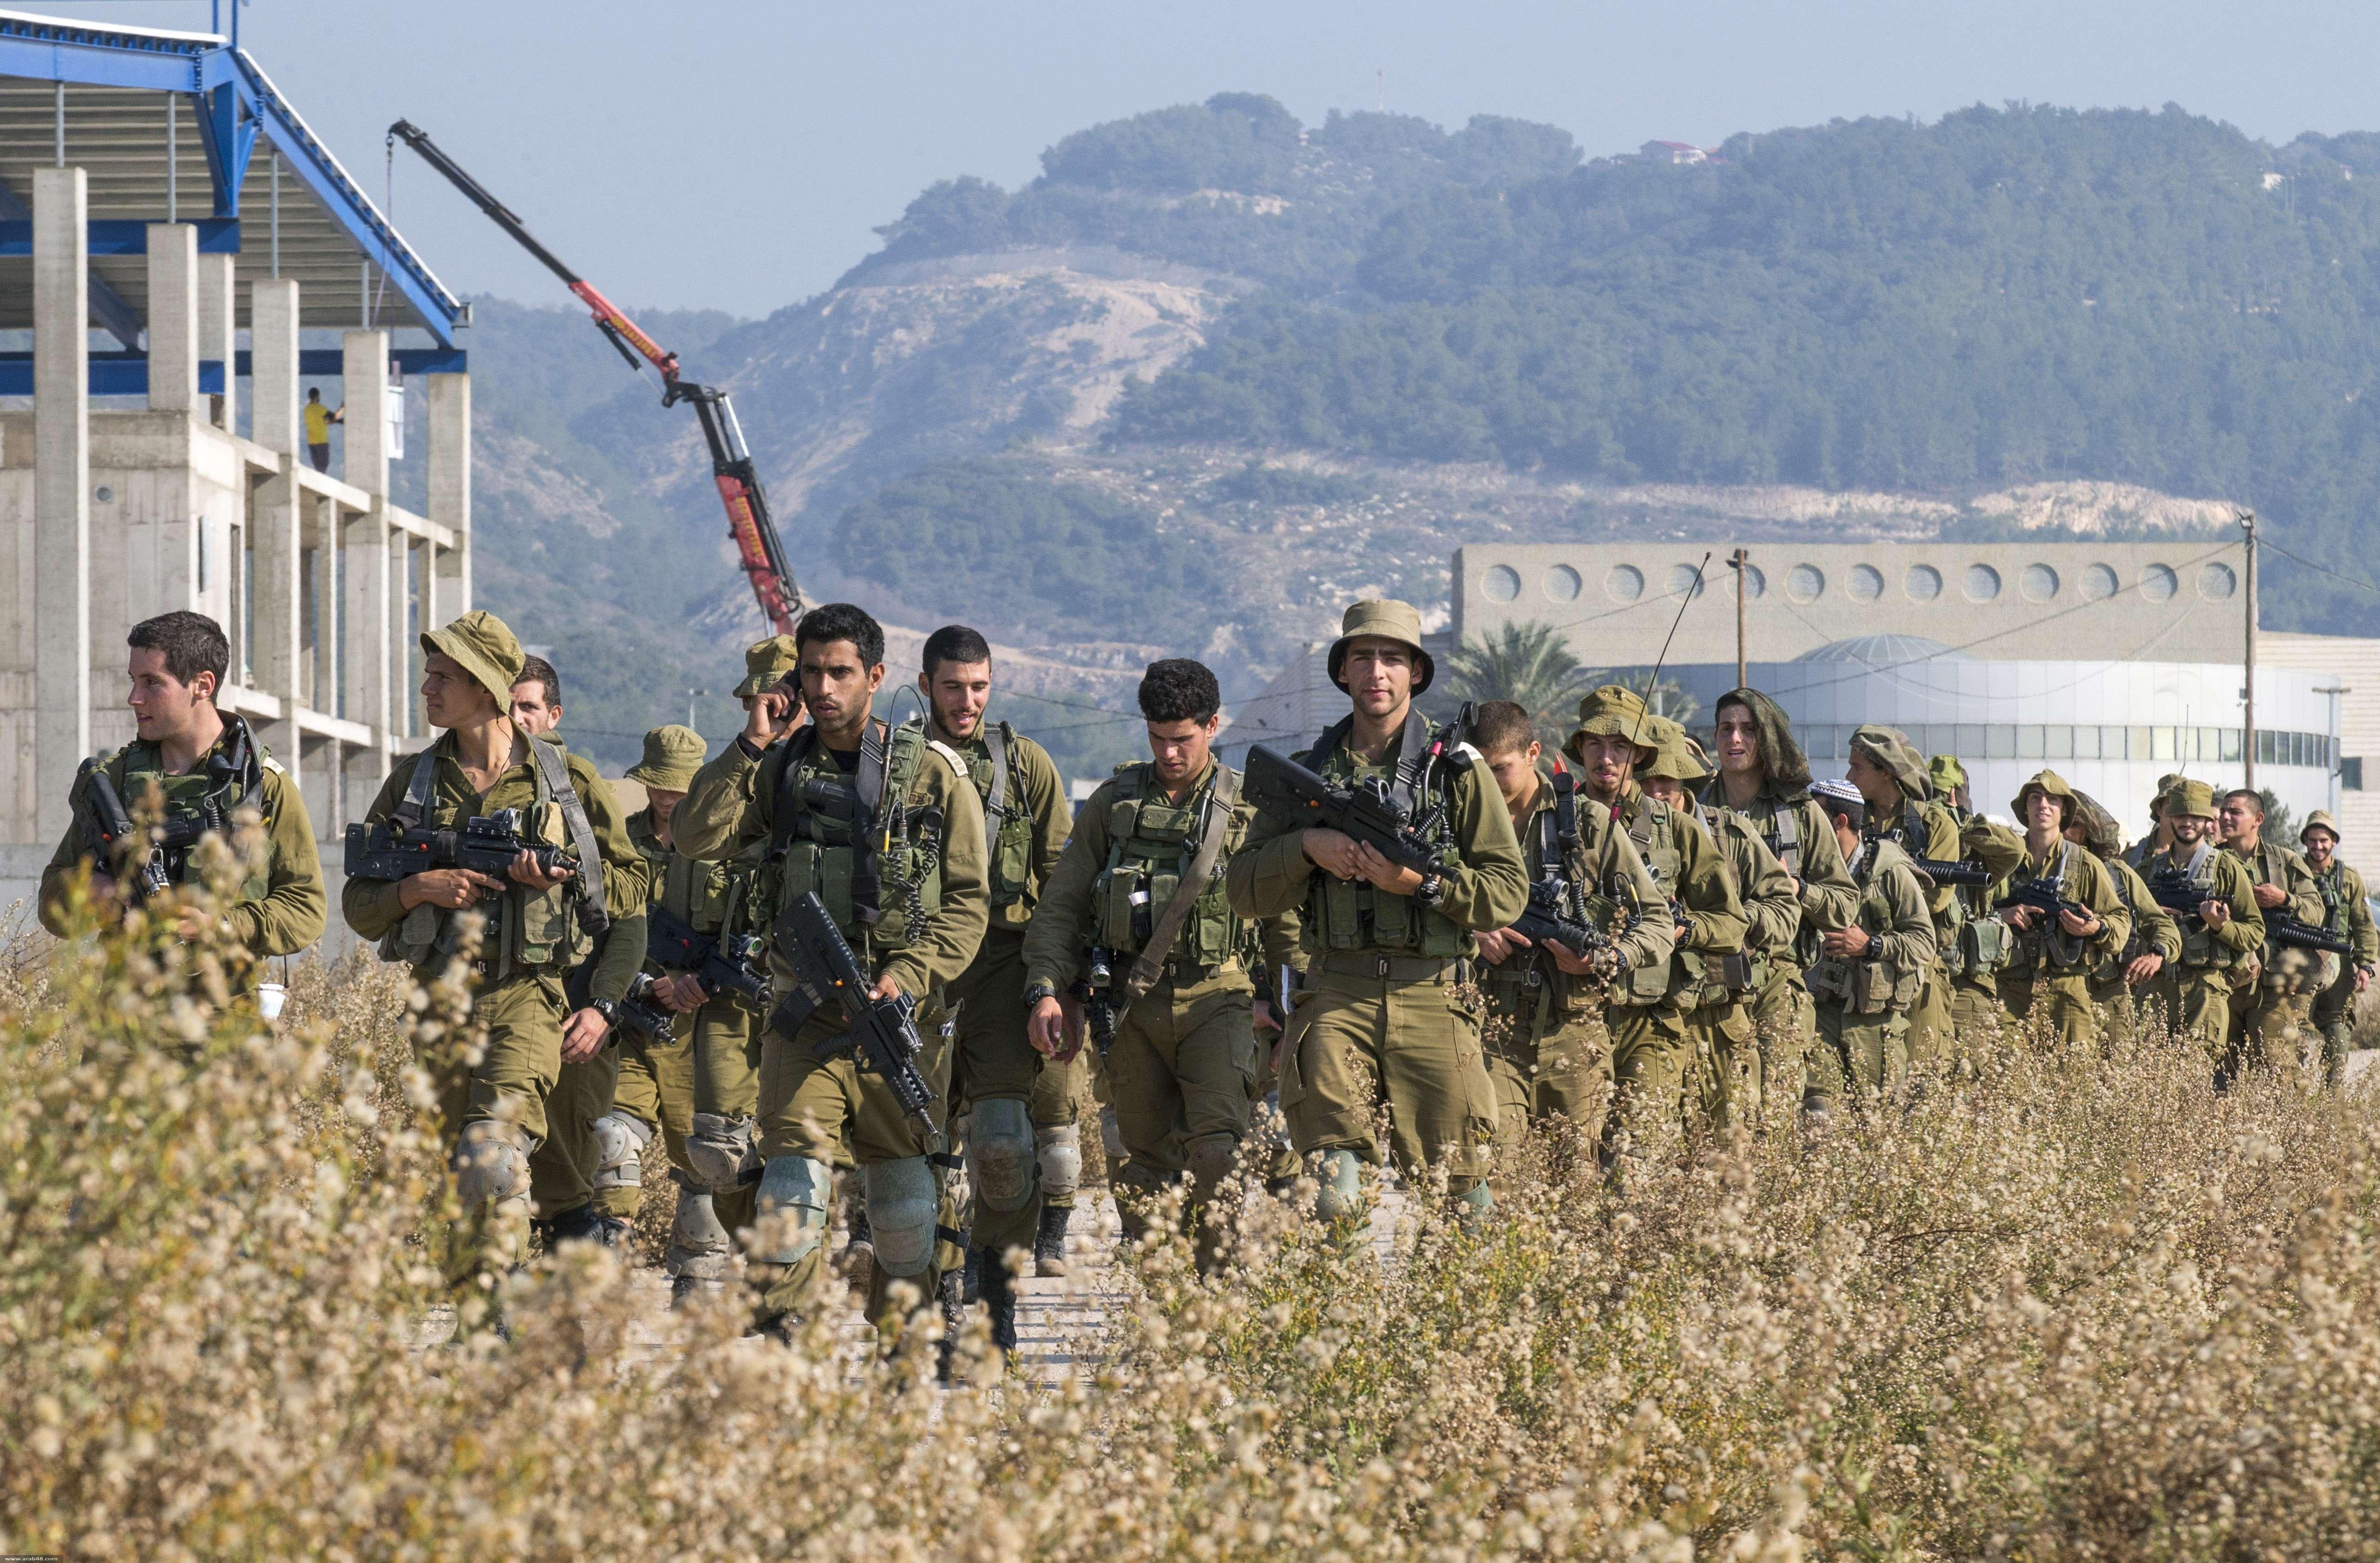 الجيش الإسرائيلي يعزّز قوّاته على الحدود مع لبنان